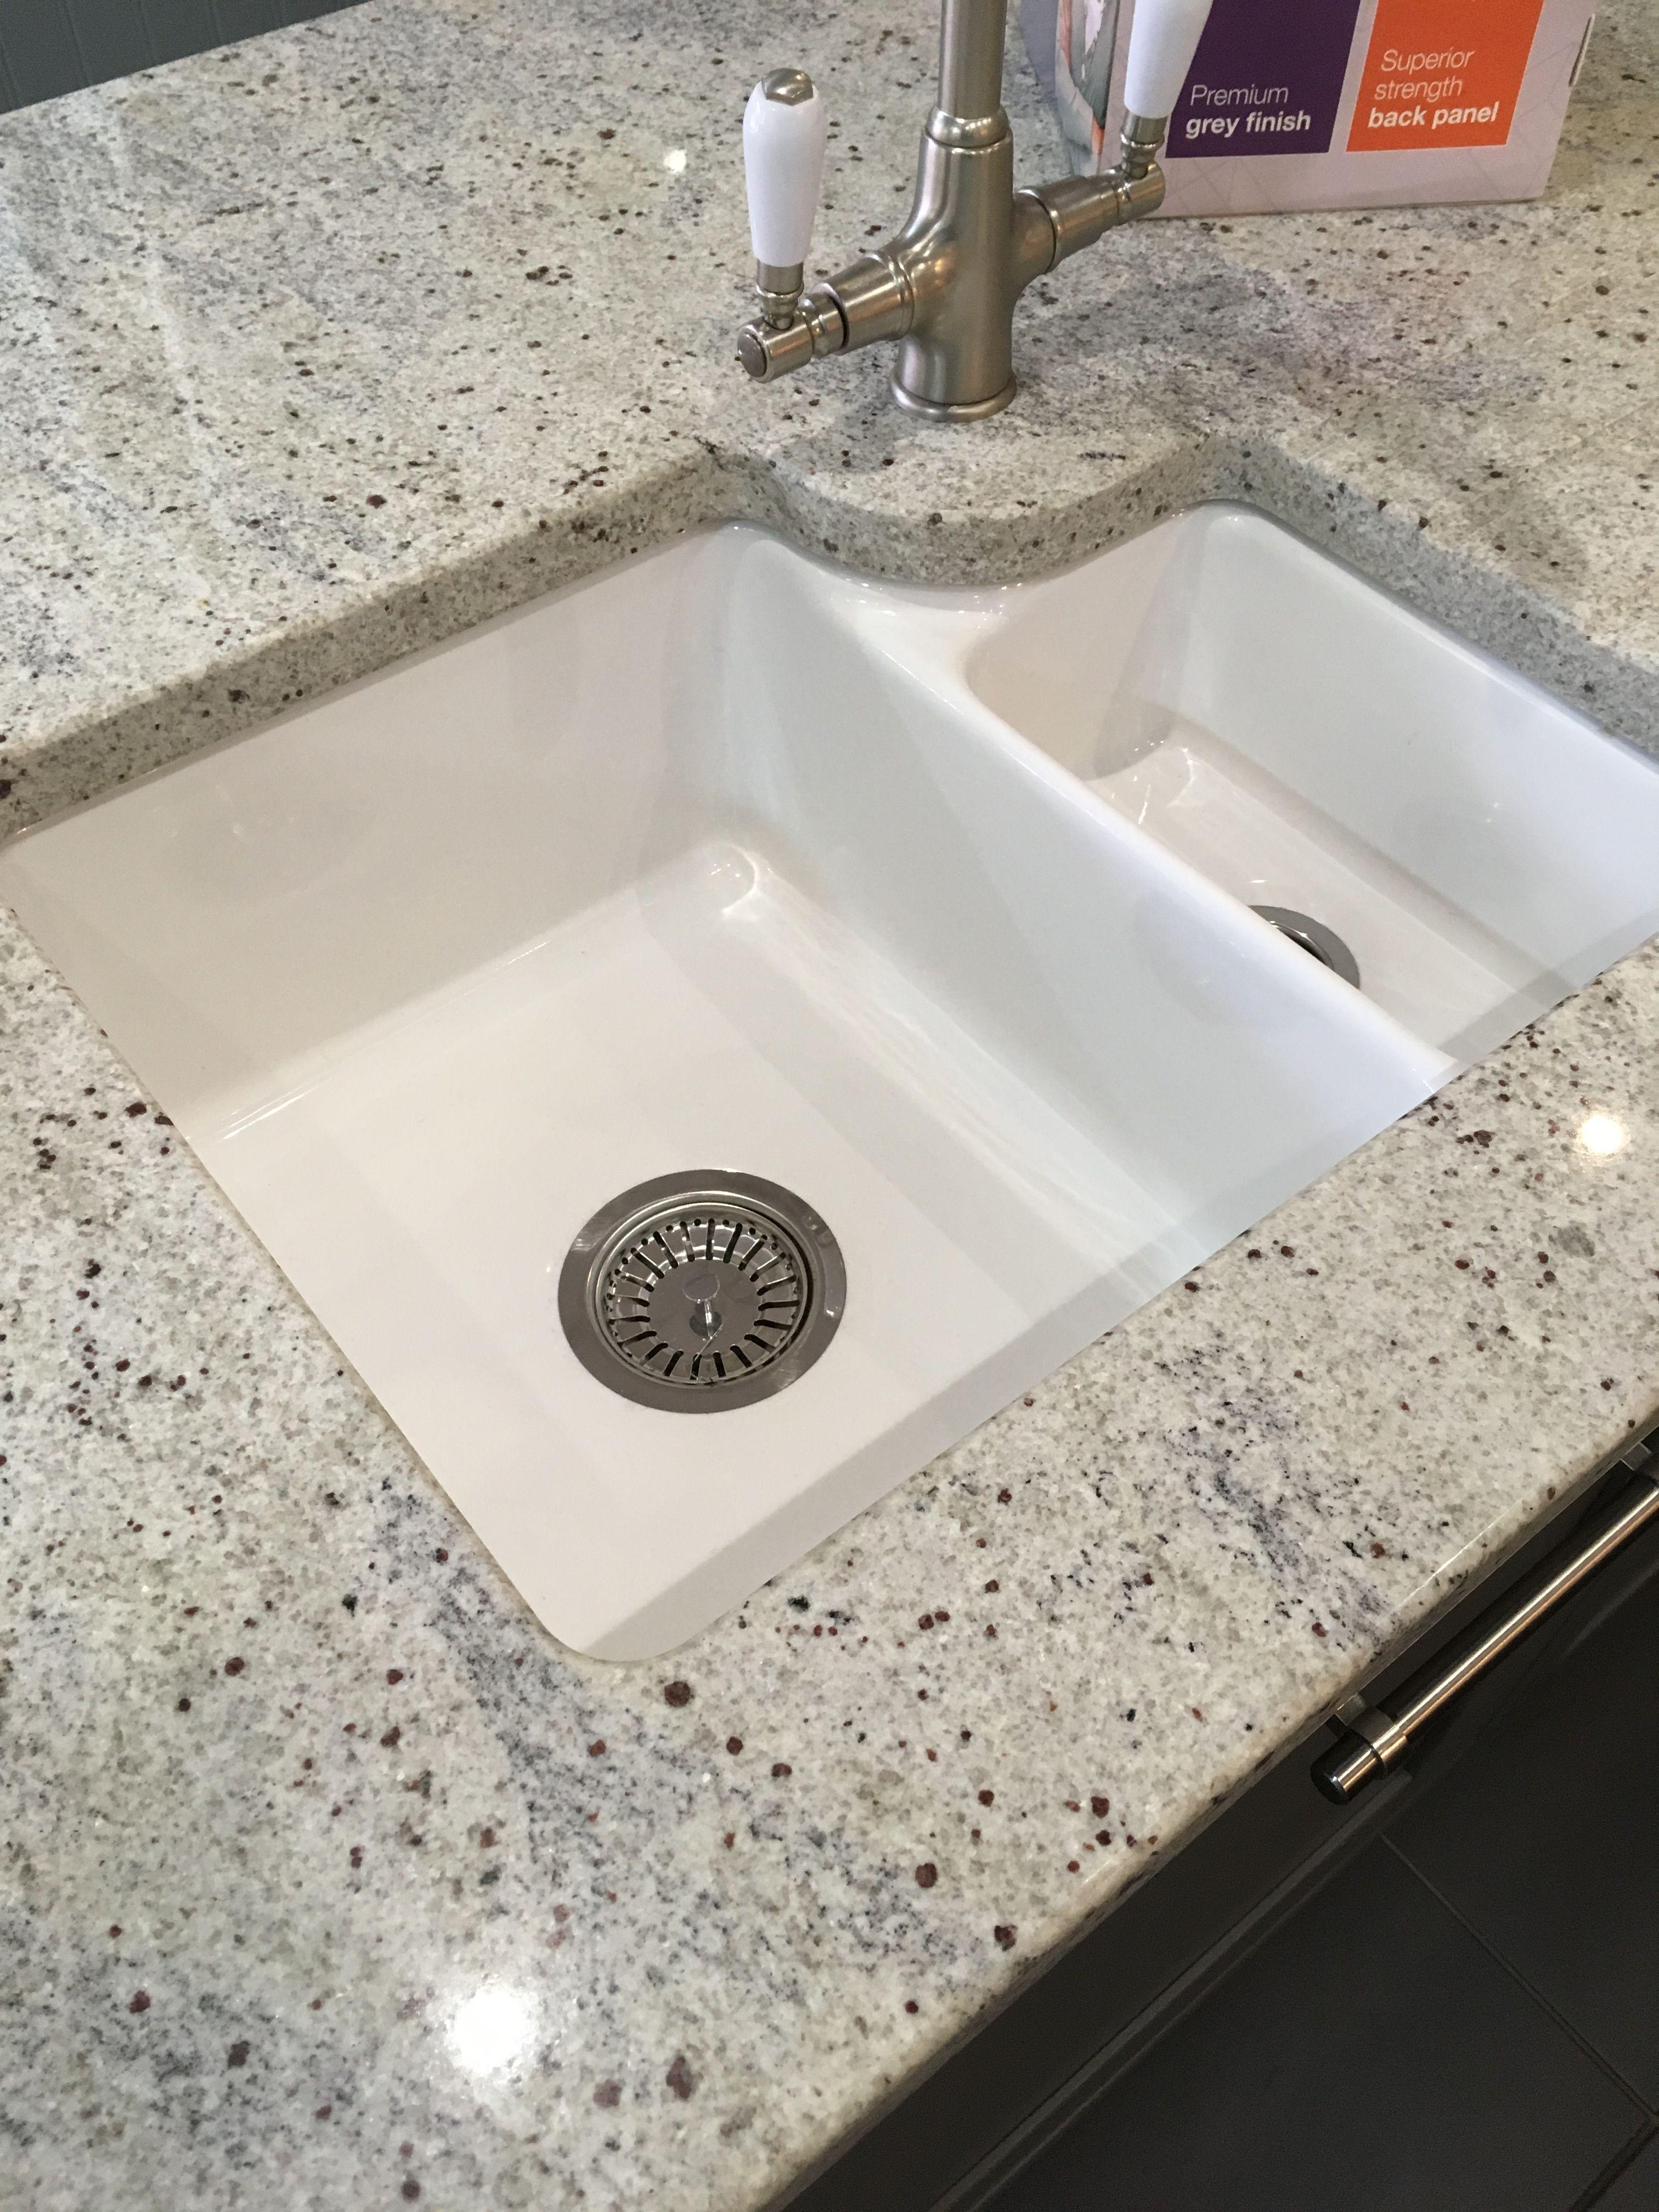 Undermount porcelain sink 15 magnet Undermount porcelain